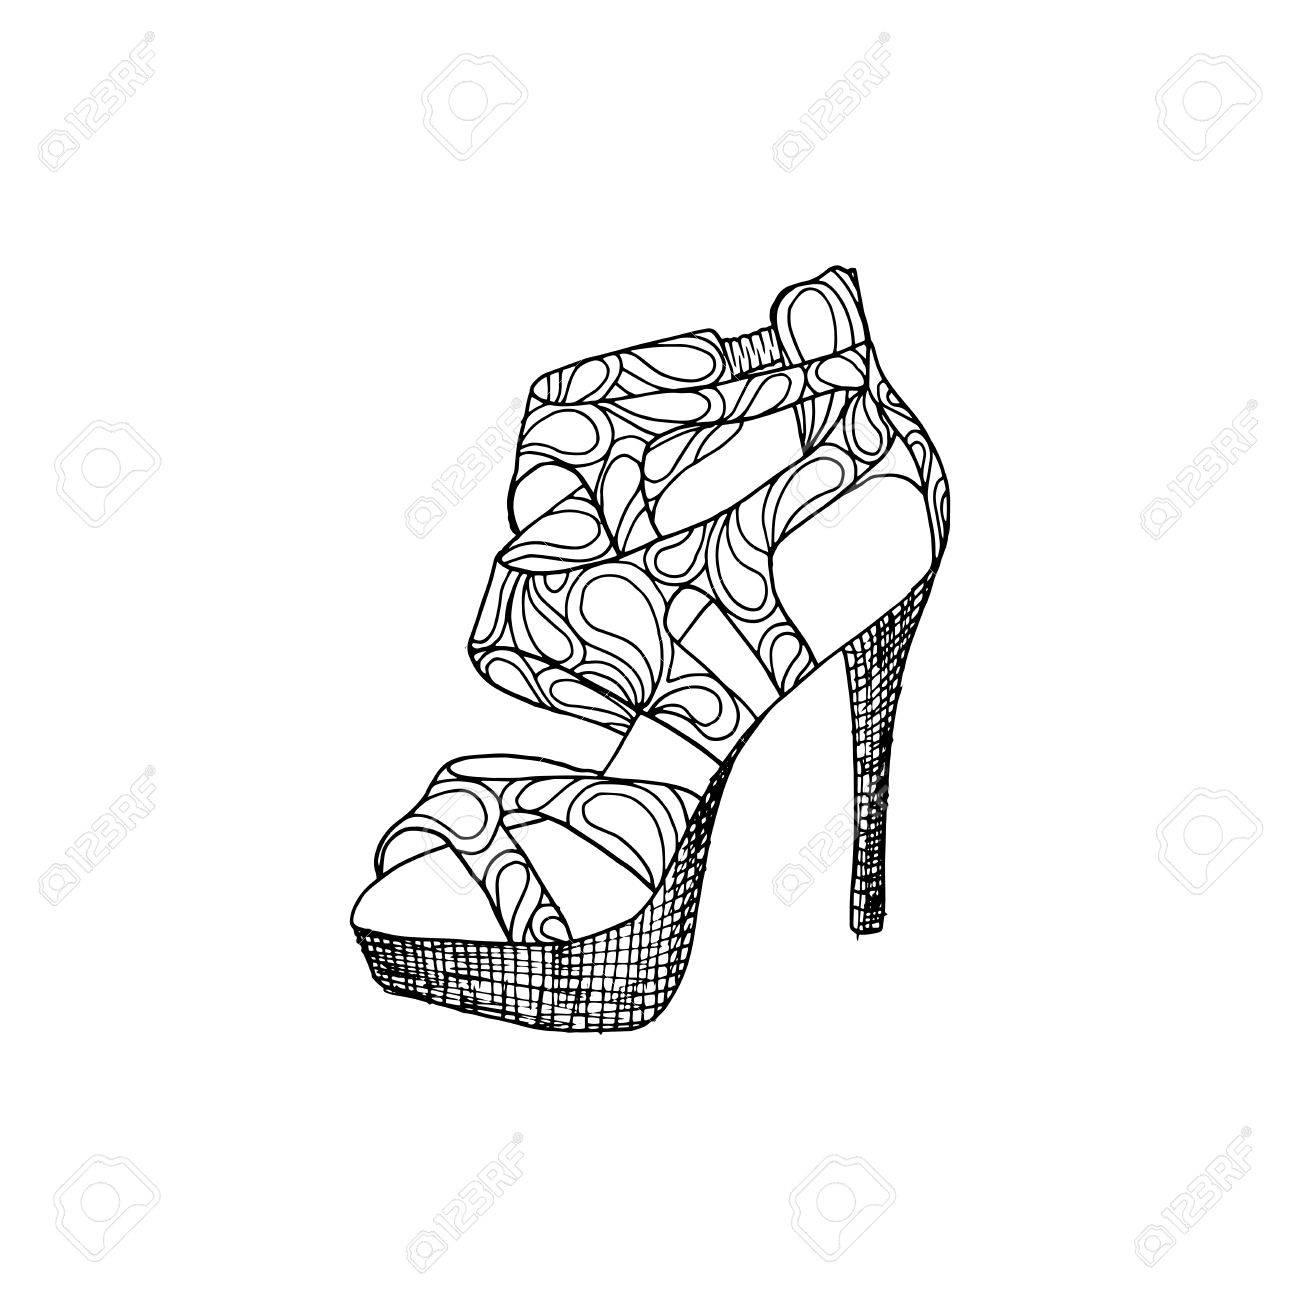 Zapatos De Tacón Alto Para Mujer Ilustraciones Del Calzado De La Manera En Relleno Del Patrón Del Estilo Del Zapato Aislado Imágenes